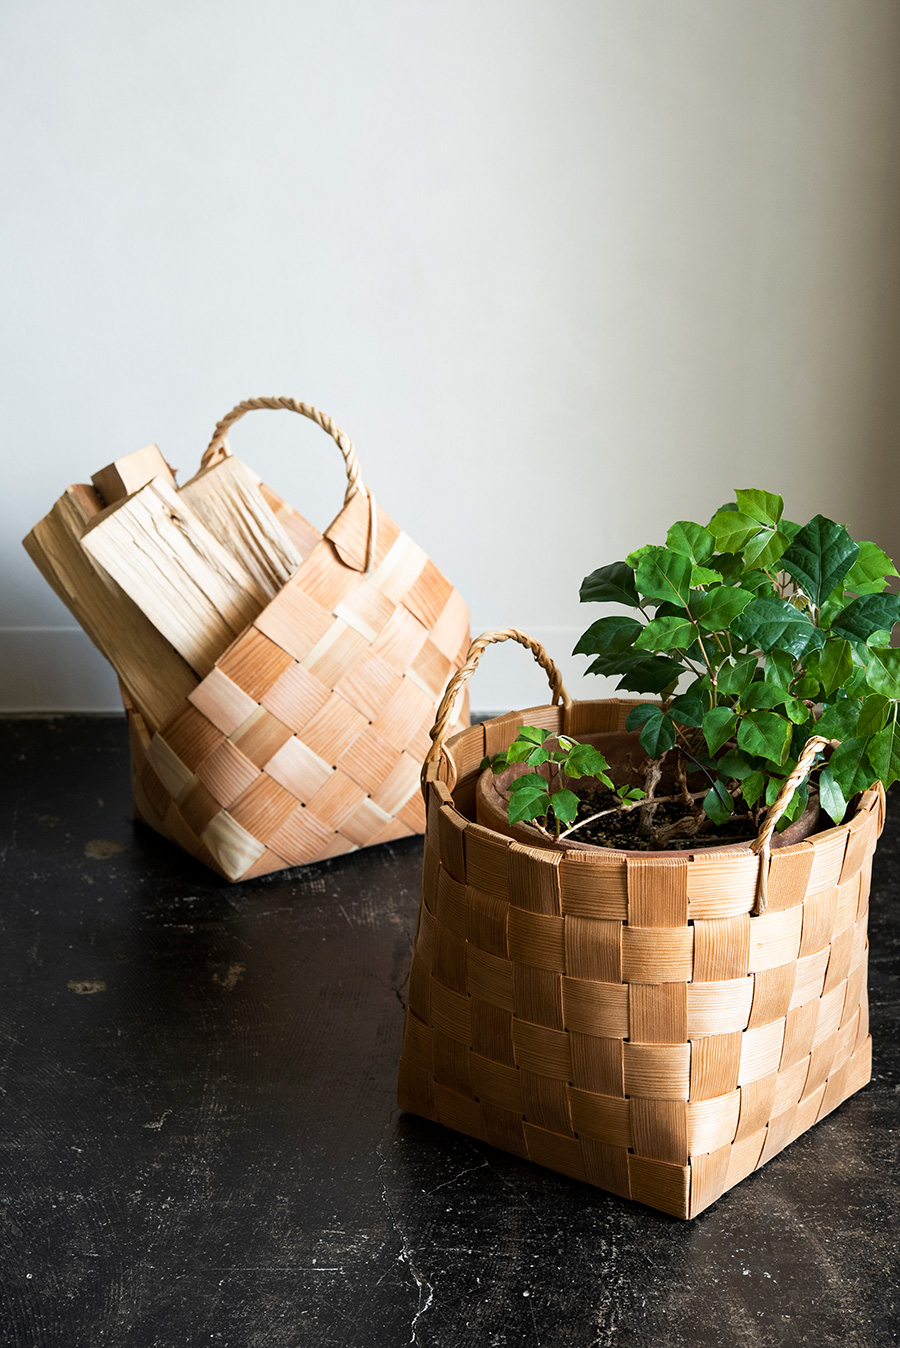 エストニアのパイン・バスケット。針葉樹の割材は北国でよくみられる素材。かつては薪入れや運搬に使われていたもの。鉢カバーや雑誌などの収納におすすめ。左・焚き火かご¥10,450、右・菜園かご¥9,900。